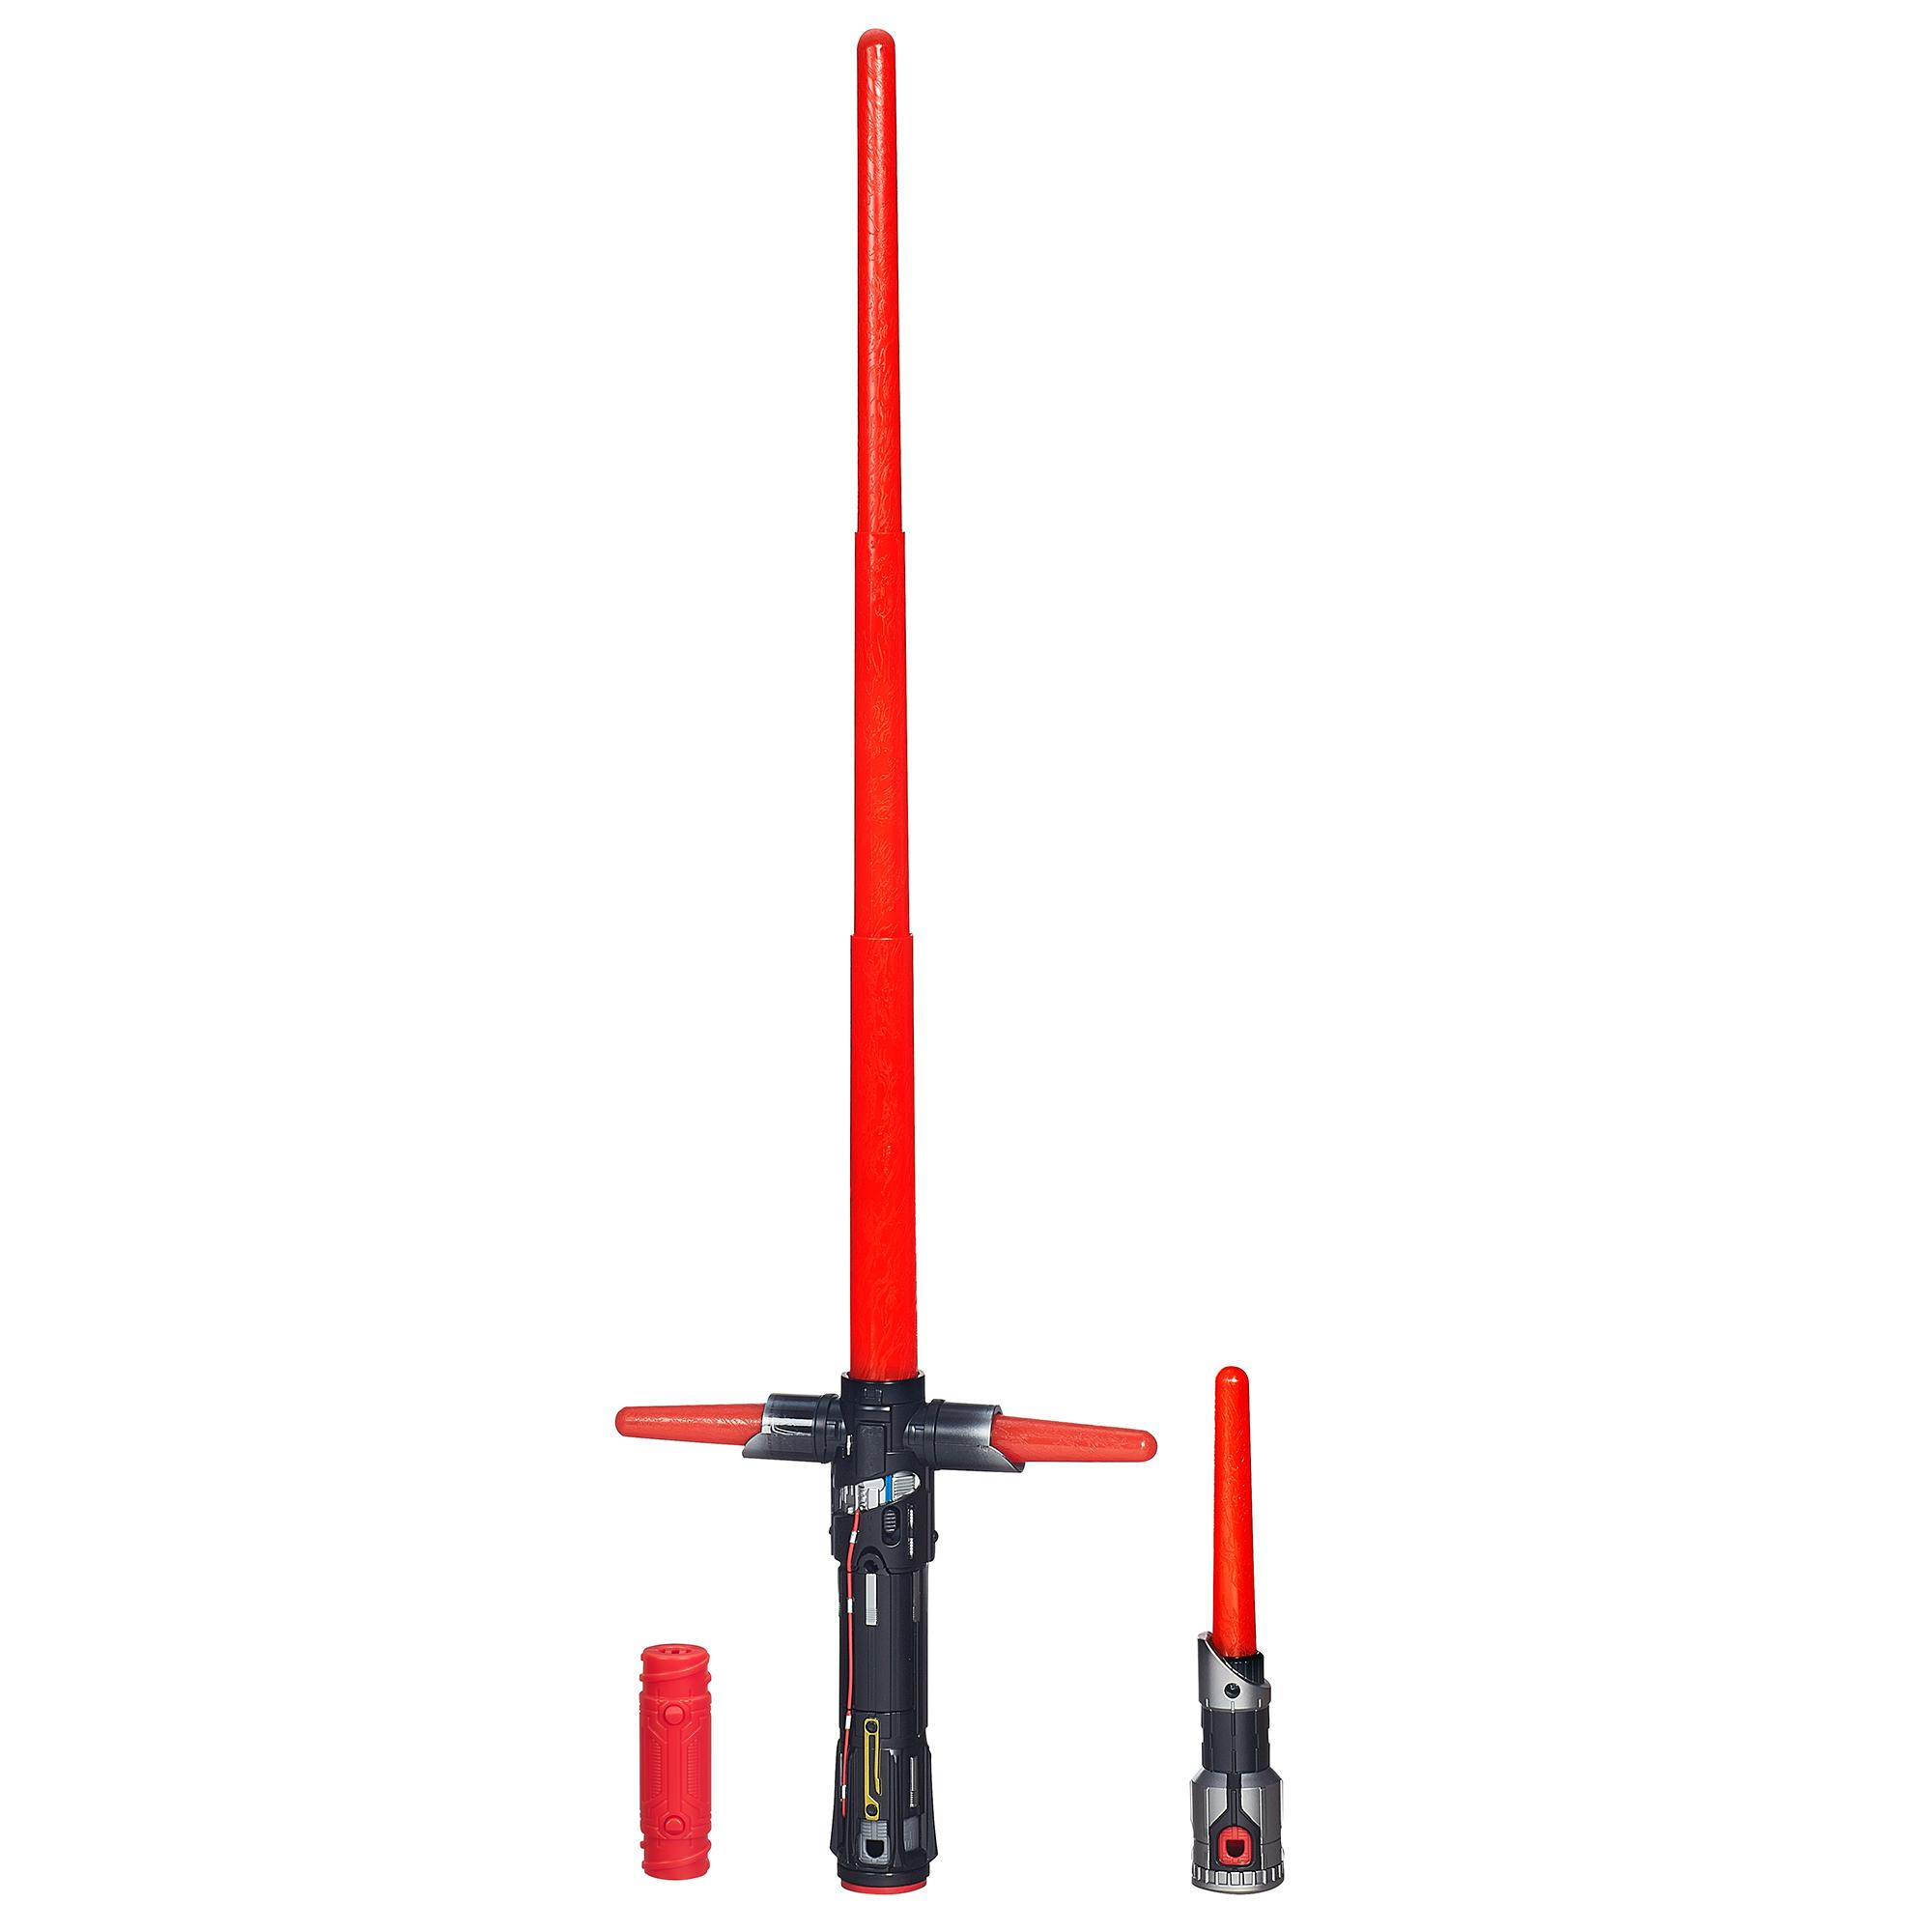 Star Wars The Force Awakens Sable de Luz electrónico de lujo de Kylo Ren